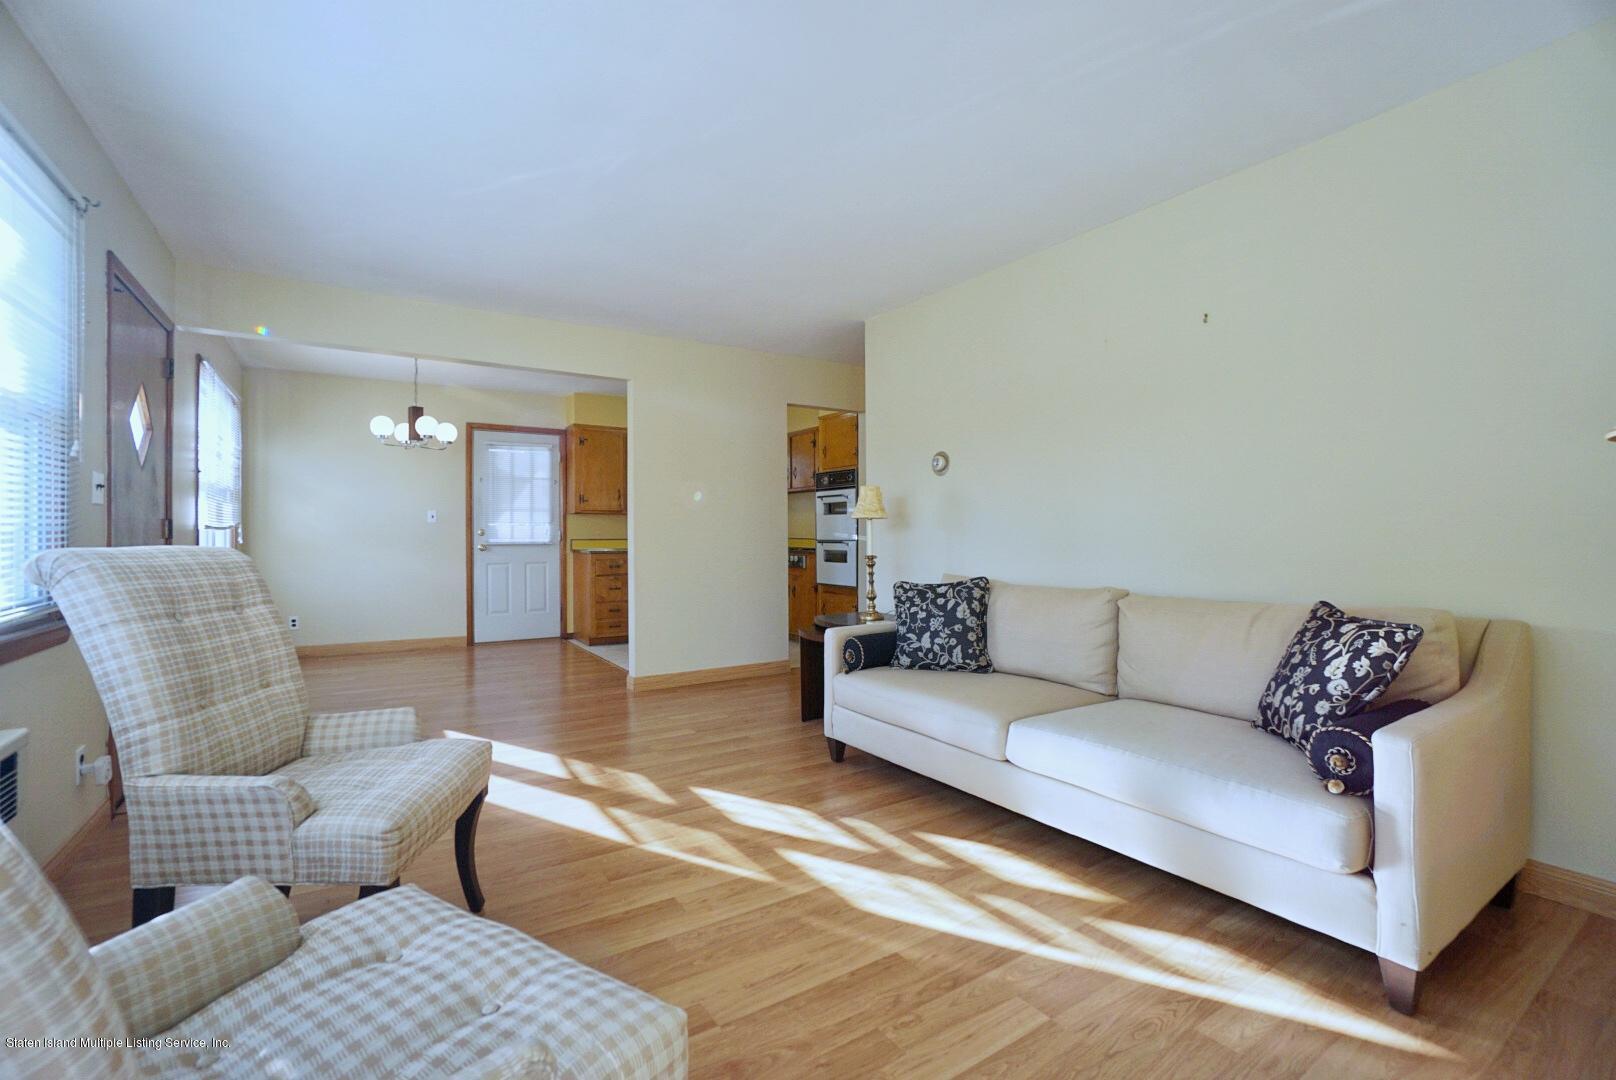 Single Family - Detached 215 Fairbanks Avenue  Staten Island, NY 10306, MLS-1138817-7